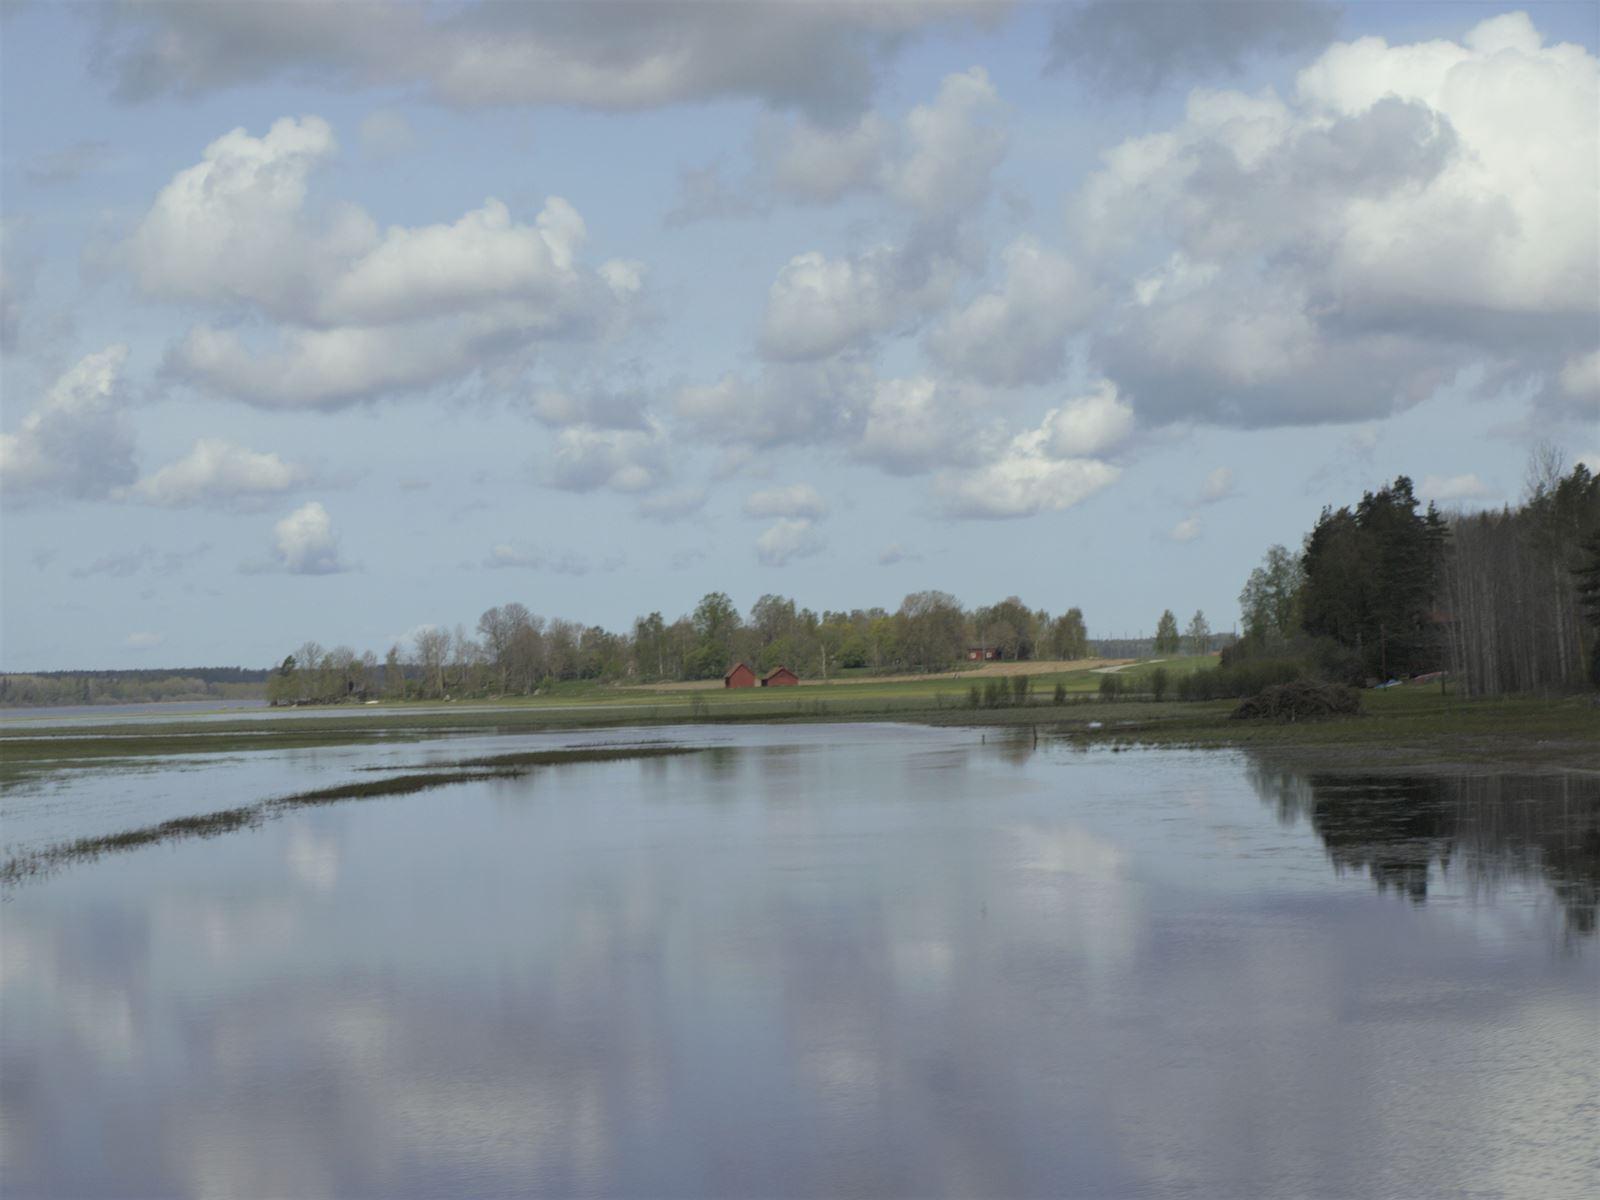 Bild från Svartådalen som är känd för sina sjöar och översvämningsmarker och som lockar till sig ett rikt fågelliv.